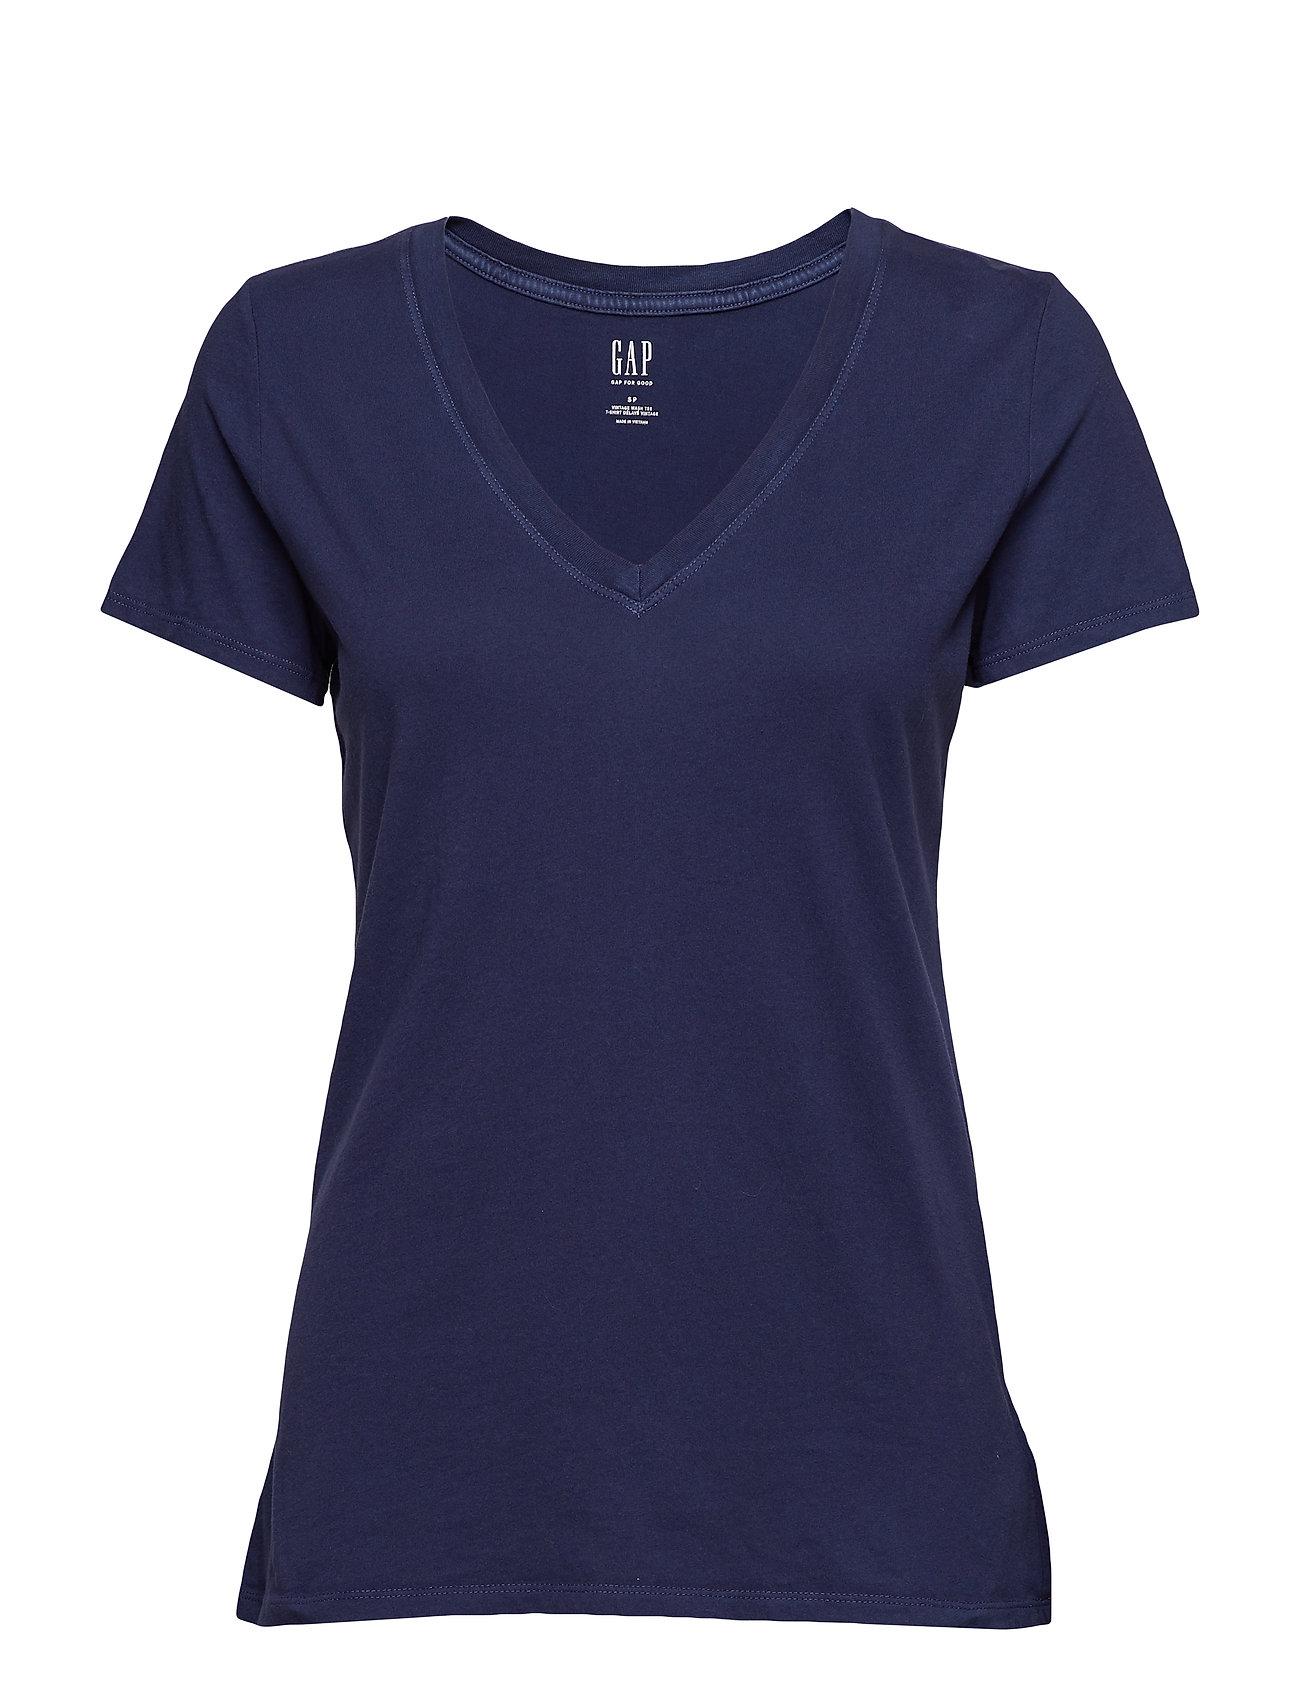 GAP Vintage Wash V-Neck T-Shirt - NAVY UNIFORM